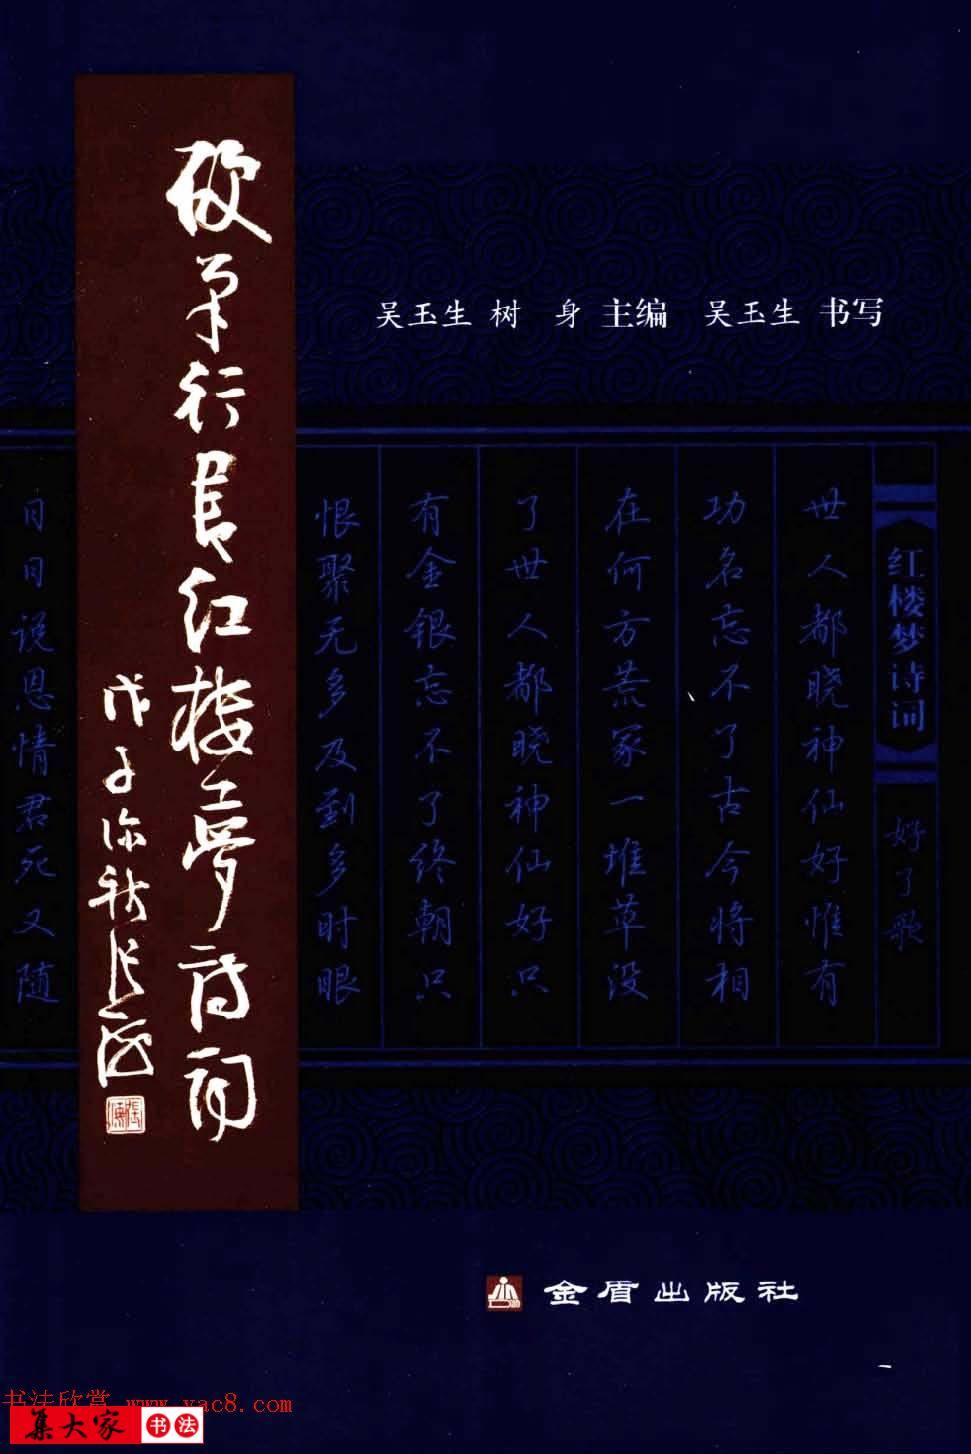 吴玉生钢笔字帖欣赏《硬笔行书红楼梦诗词》